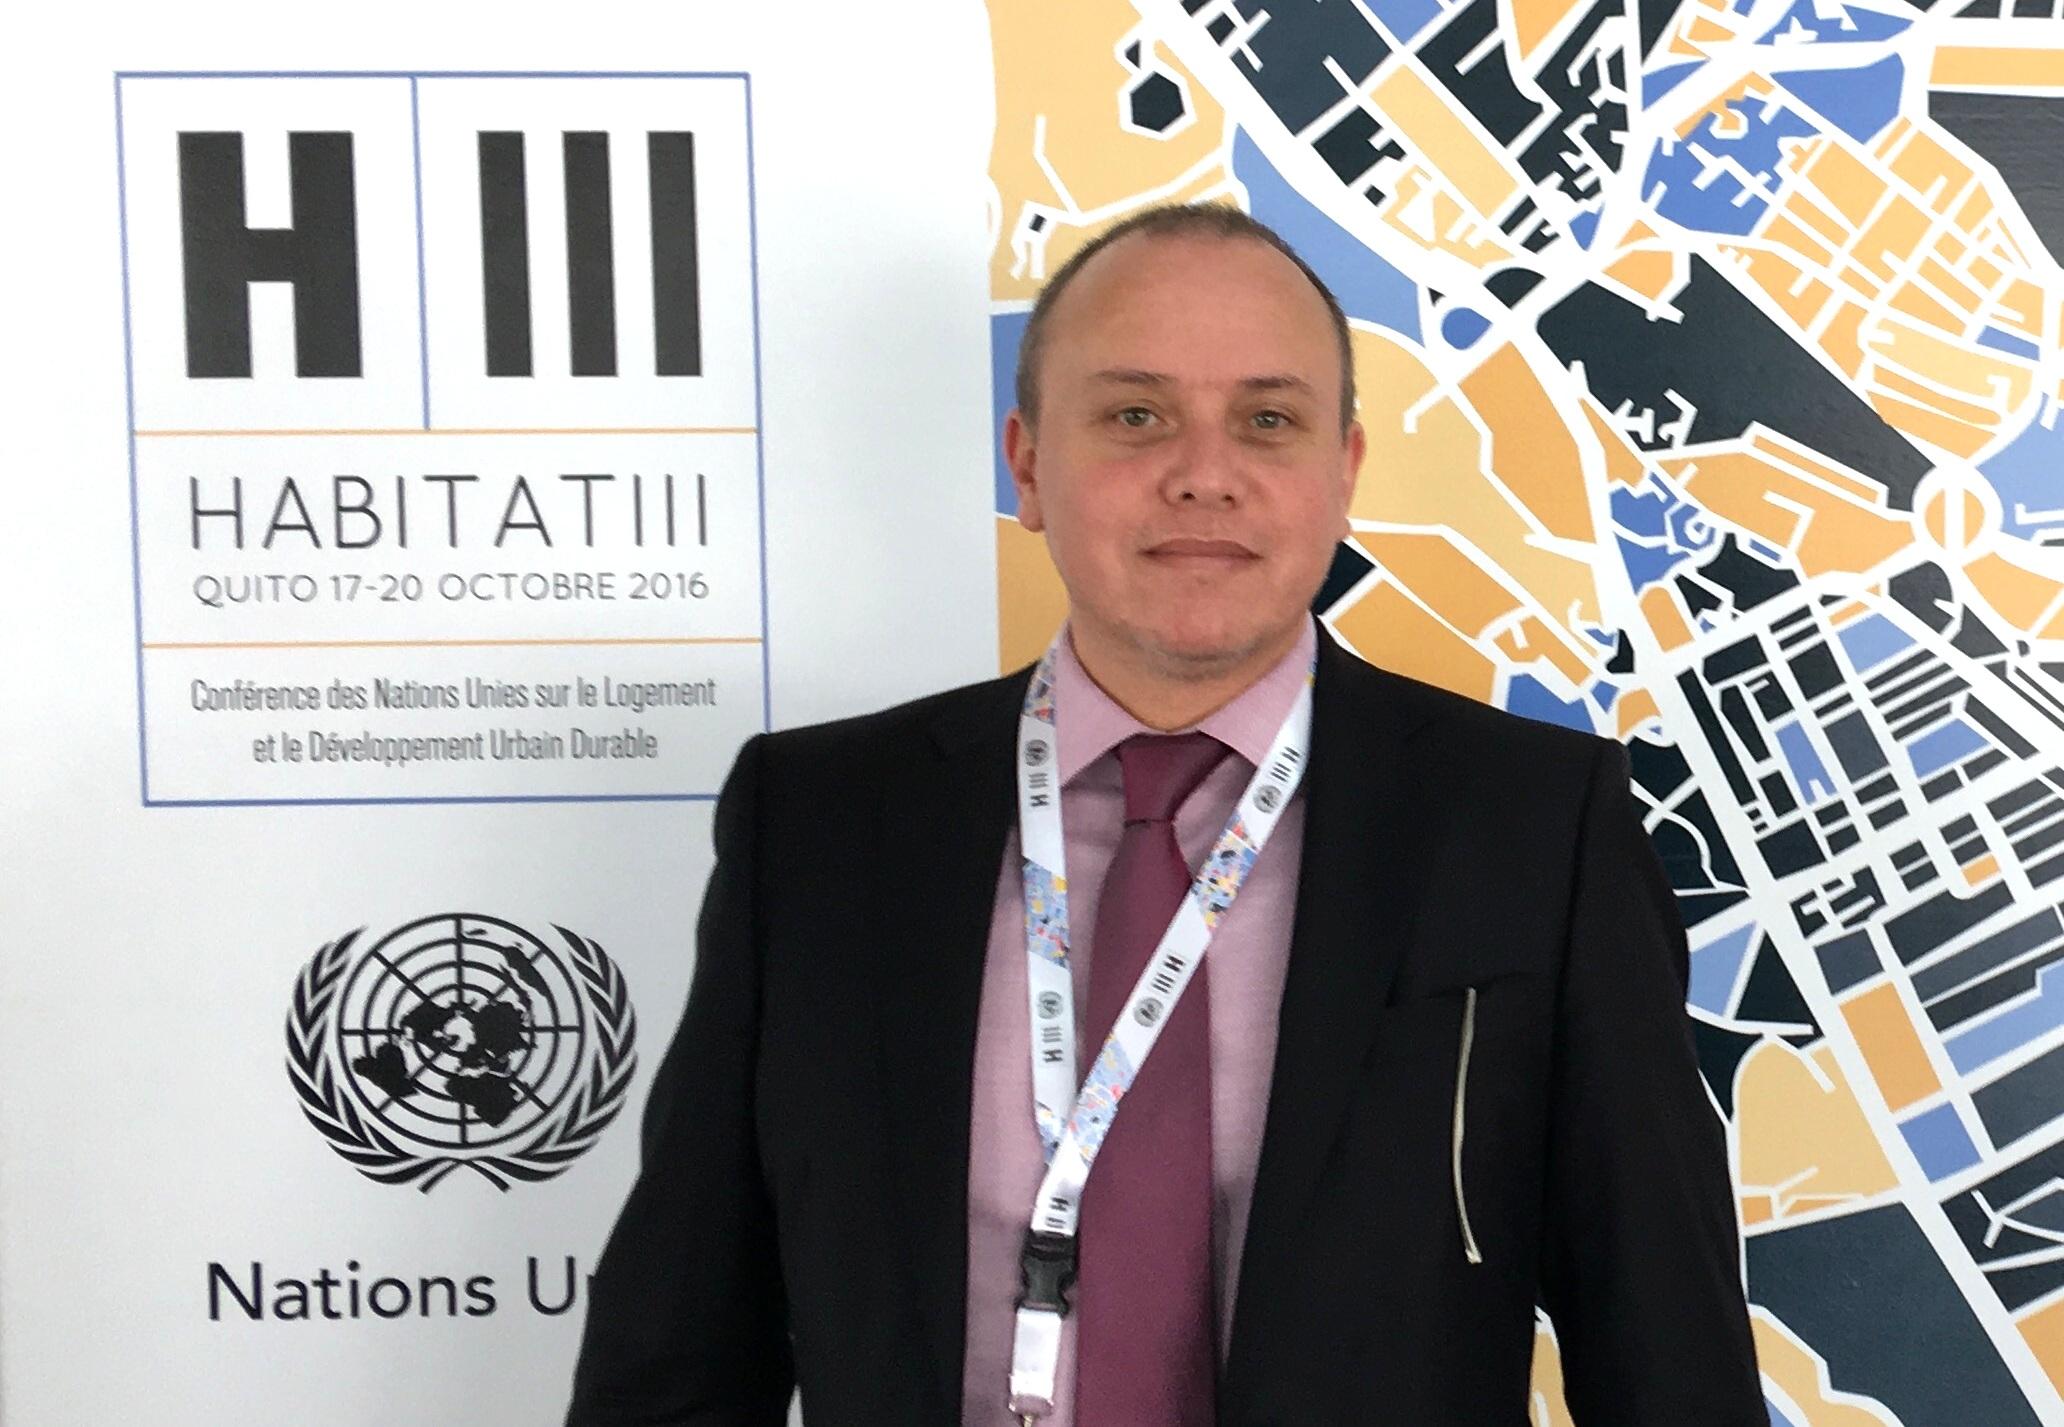 Habitat III es una conferencia mundial que la ONU sostiene cada 20 años.